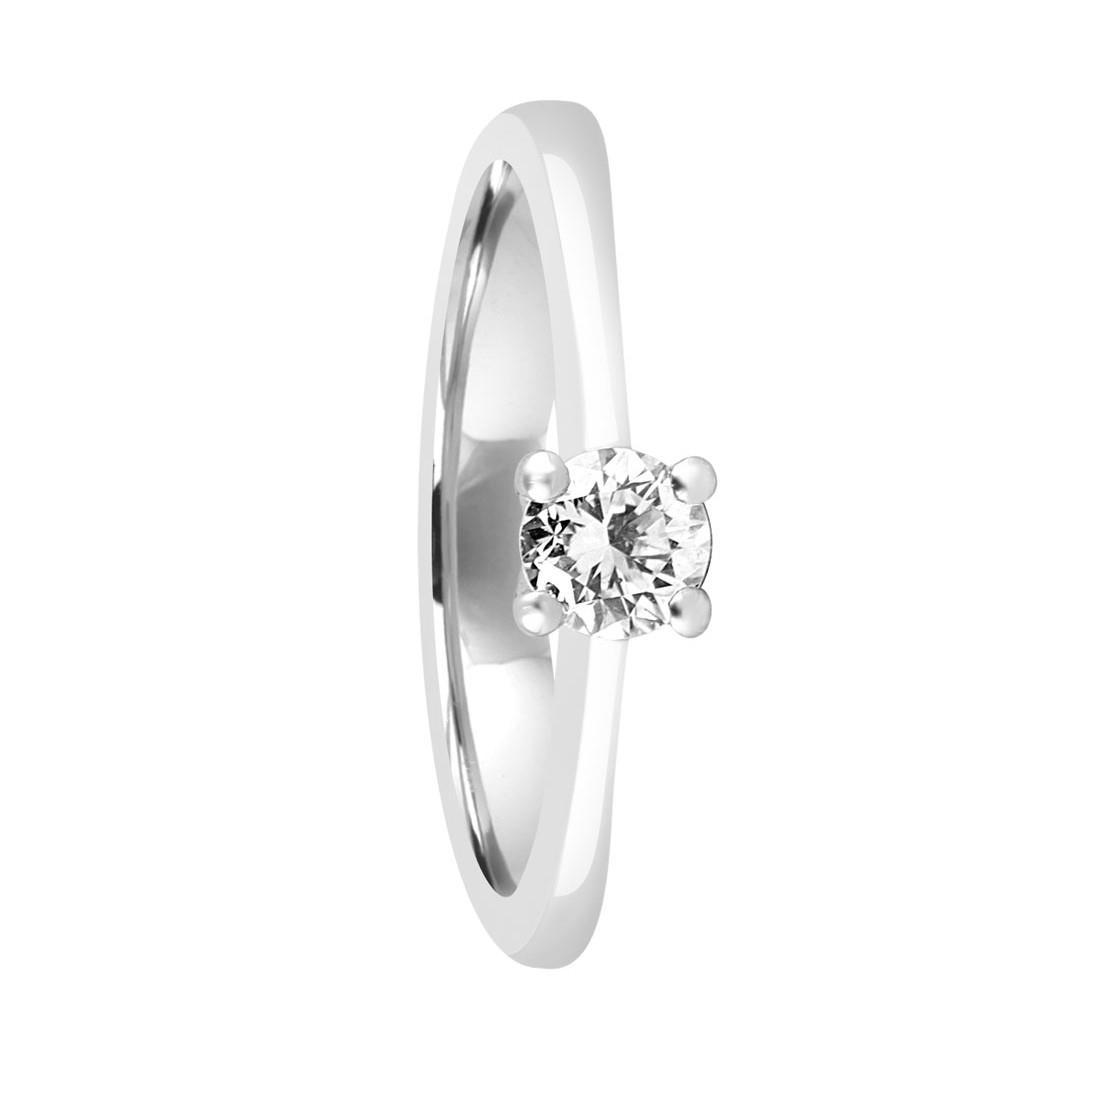 Anello solitario in oro bianco con diamanti mis 15 - ALFIERI & ST.JOHN